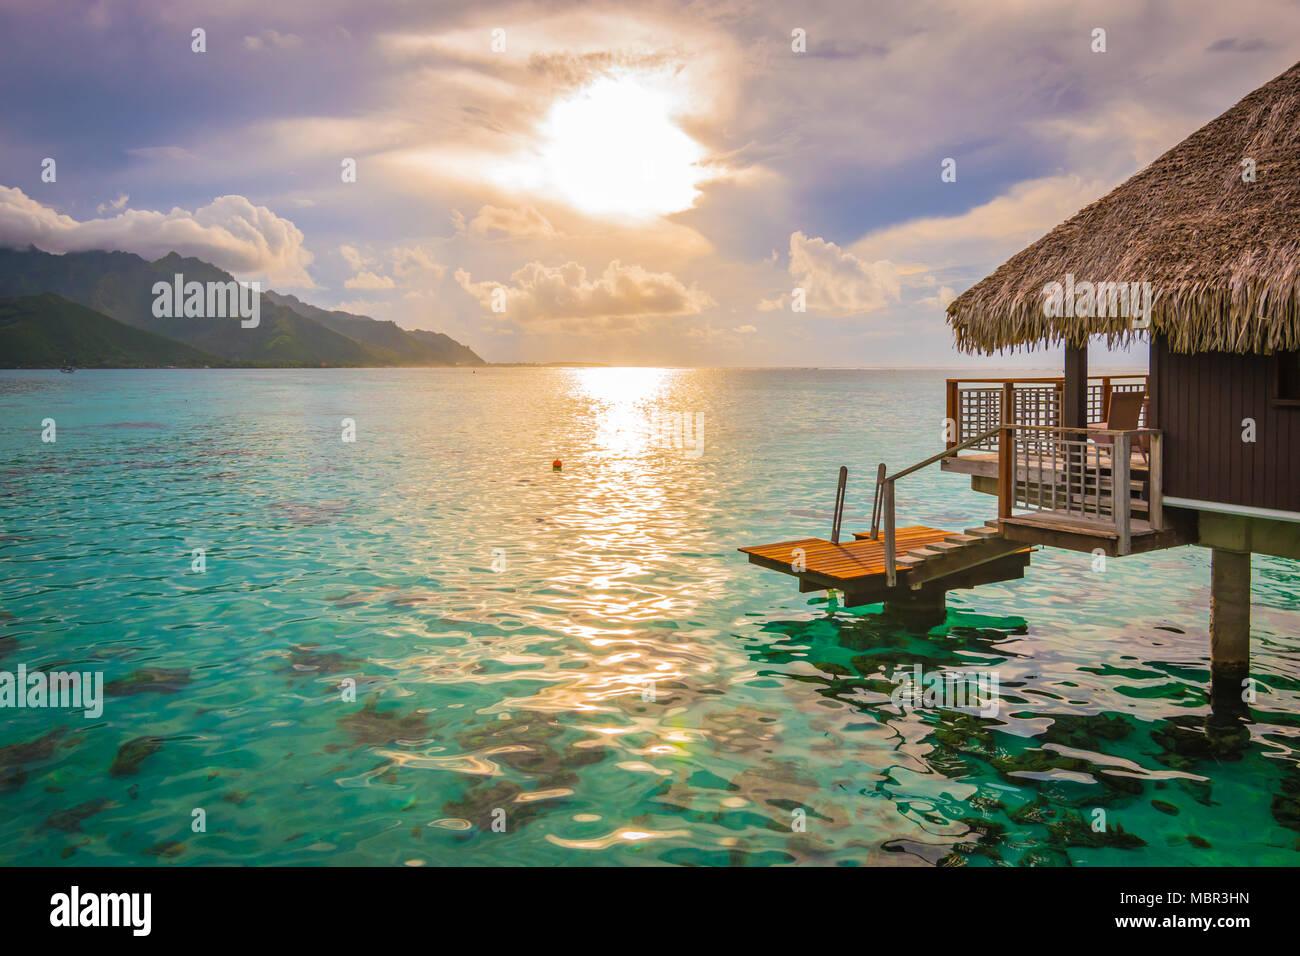 Serata con il tramonto in Moorea. Bungalow Overwater sul lato con vista mozzafiato sulla laguna, Polinesia Francese Immagini Stock